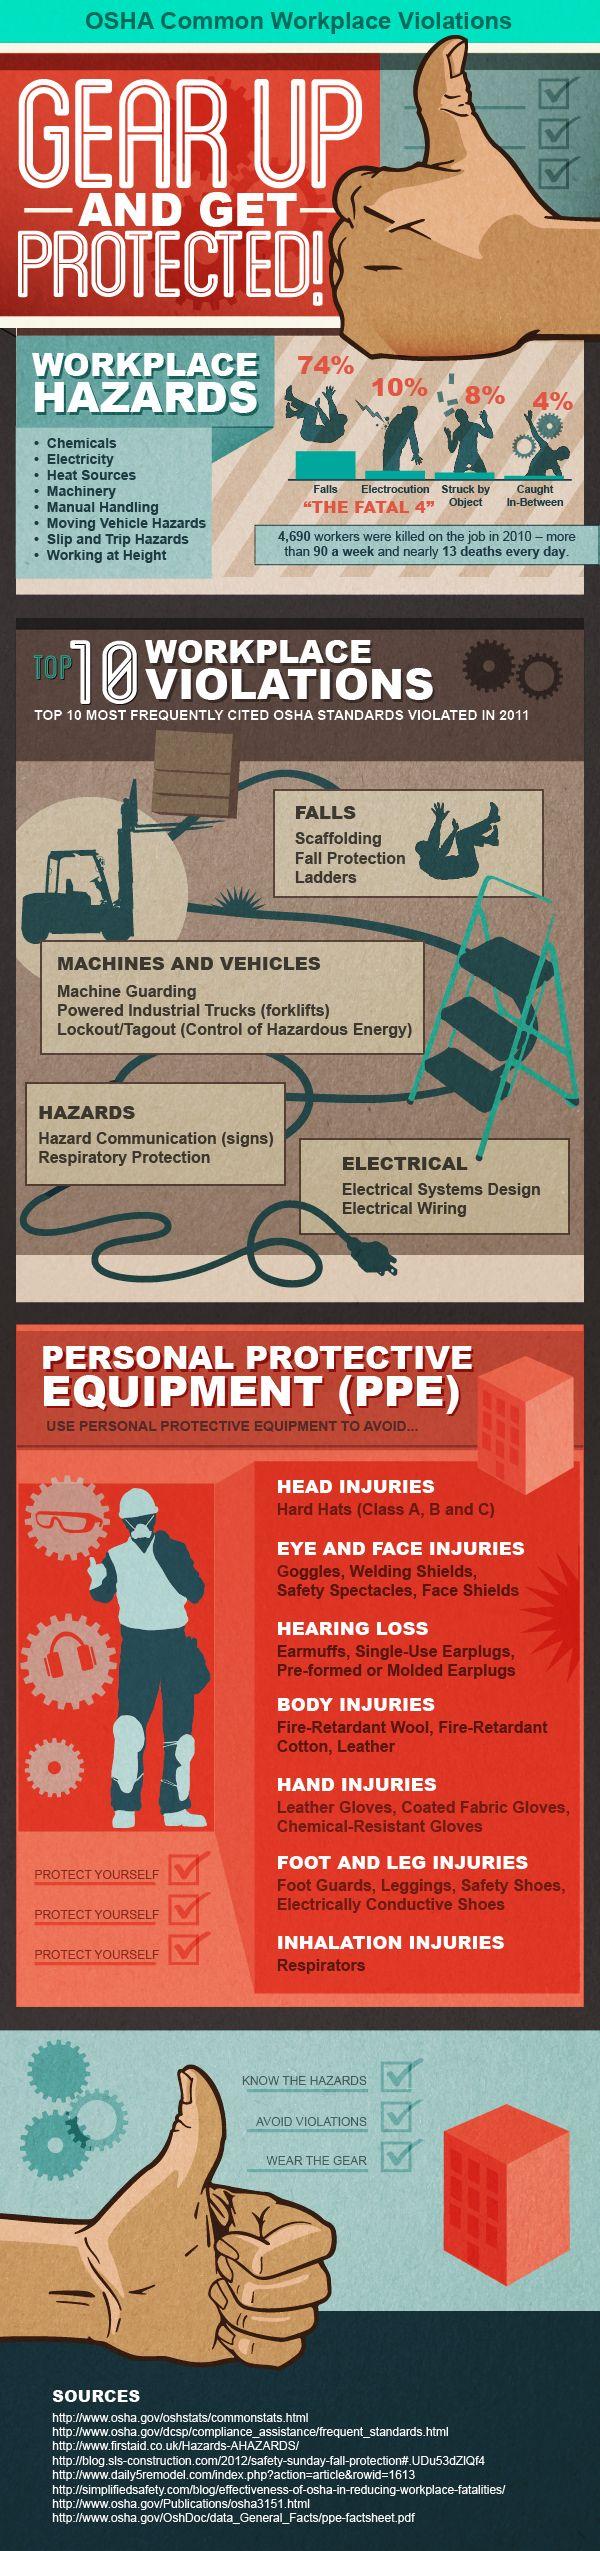 Partnering with OSHA for a safer workplace - La collaborazione con OSHA per un lavoro più sicuro